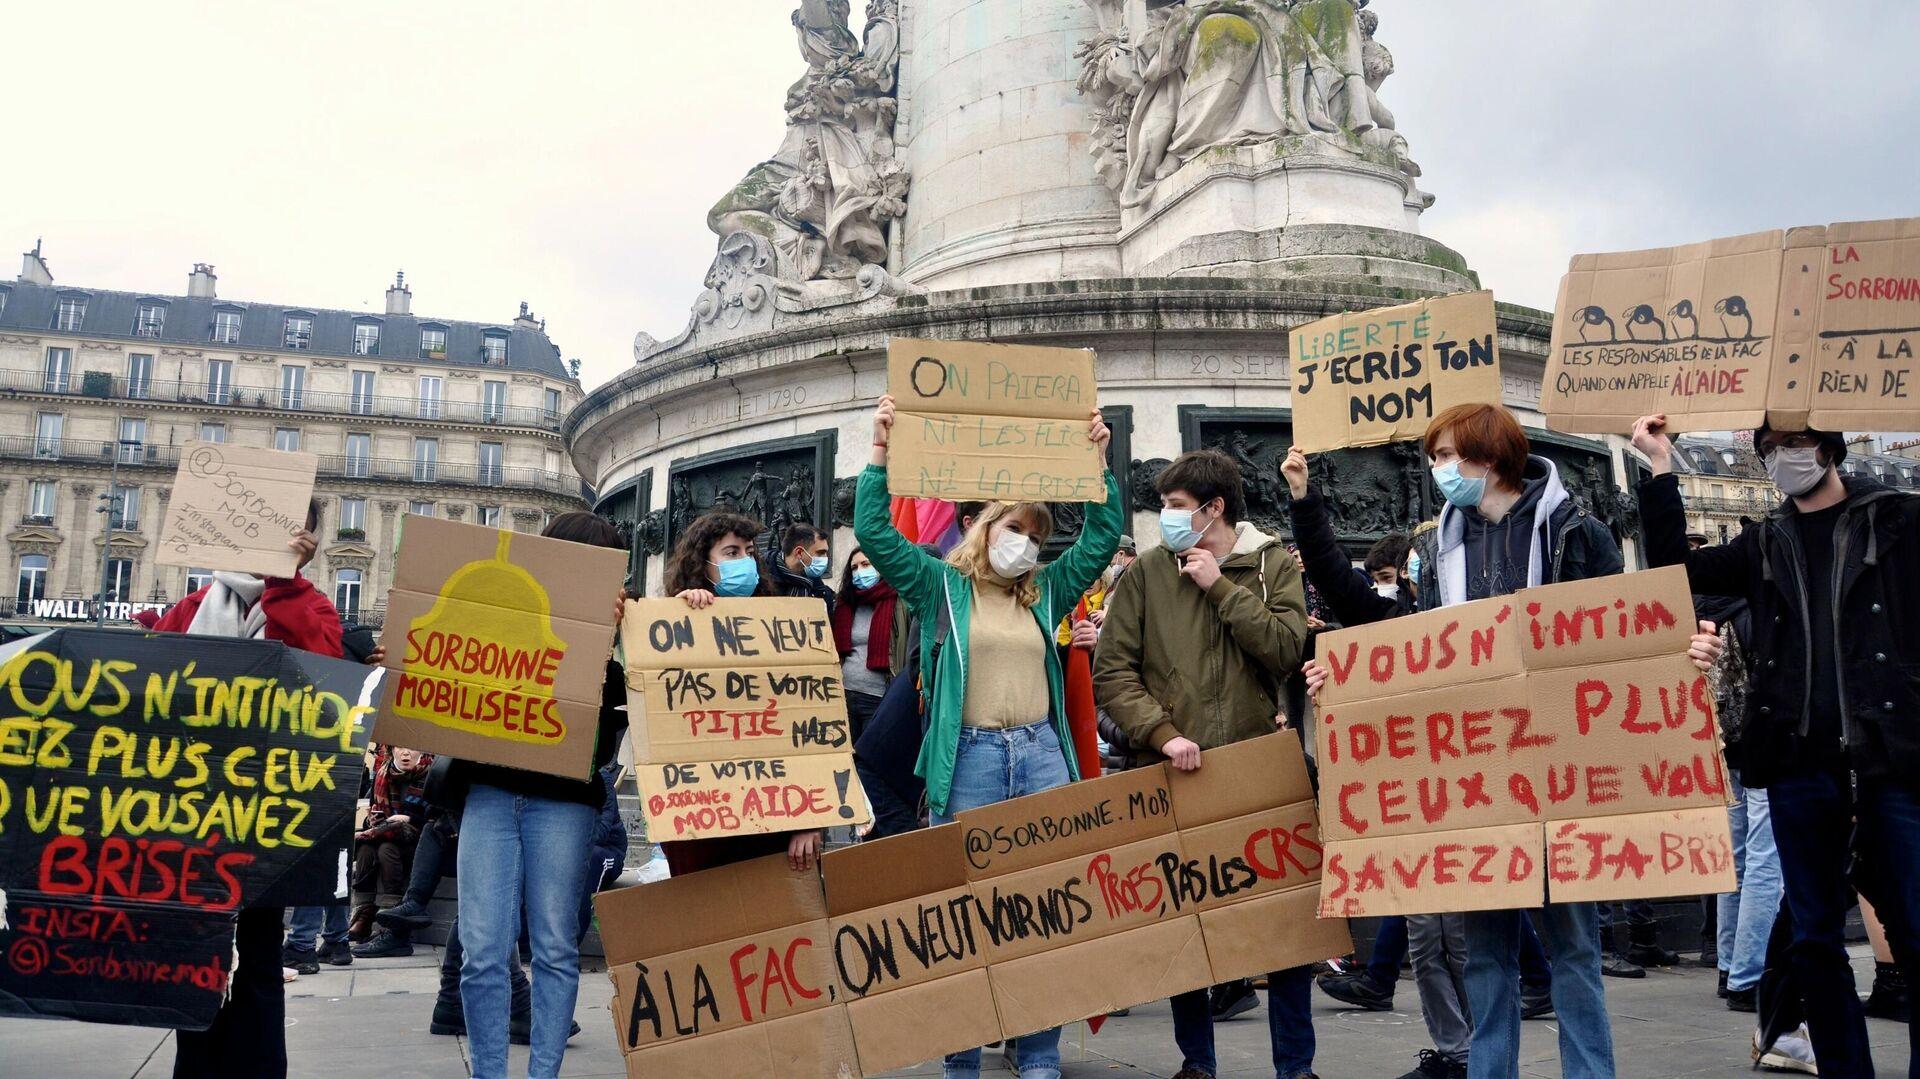 Участники акции протеста против законопроекта О глобальной безопасности на площади Республики в Париже - РИА Новости, 1920, 30.01.2021